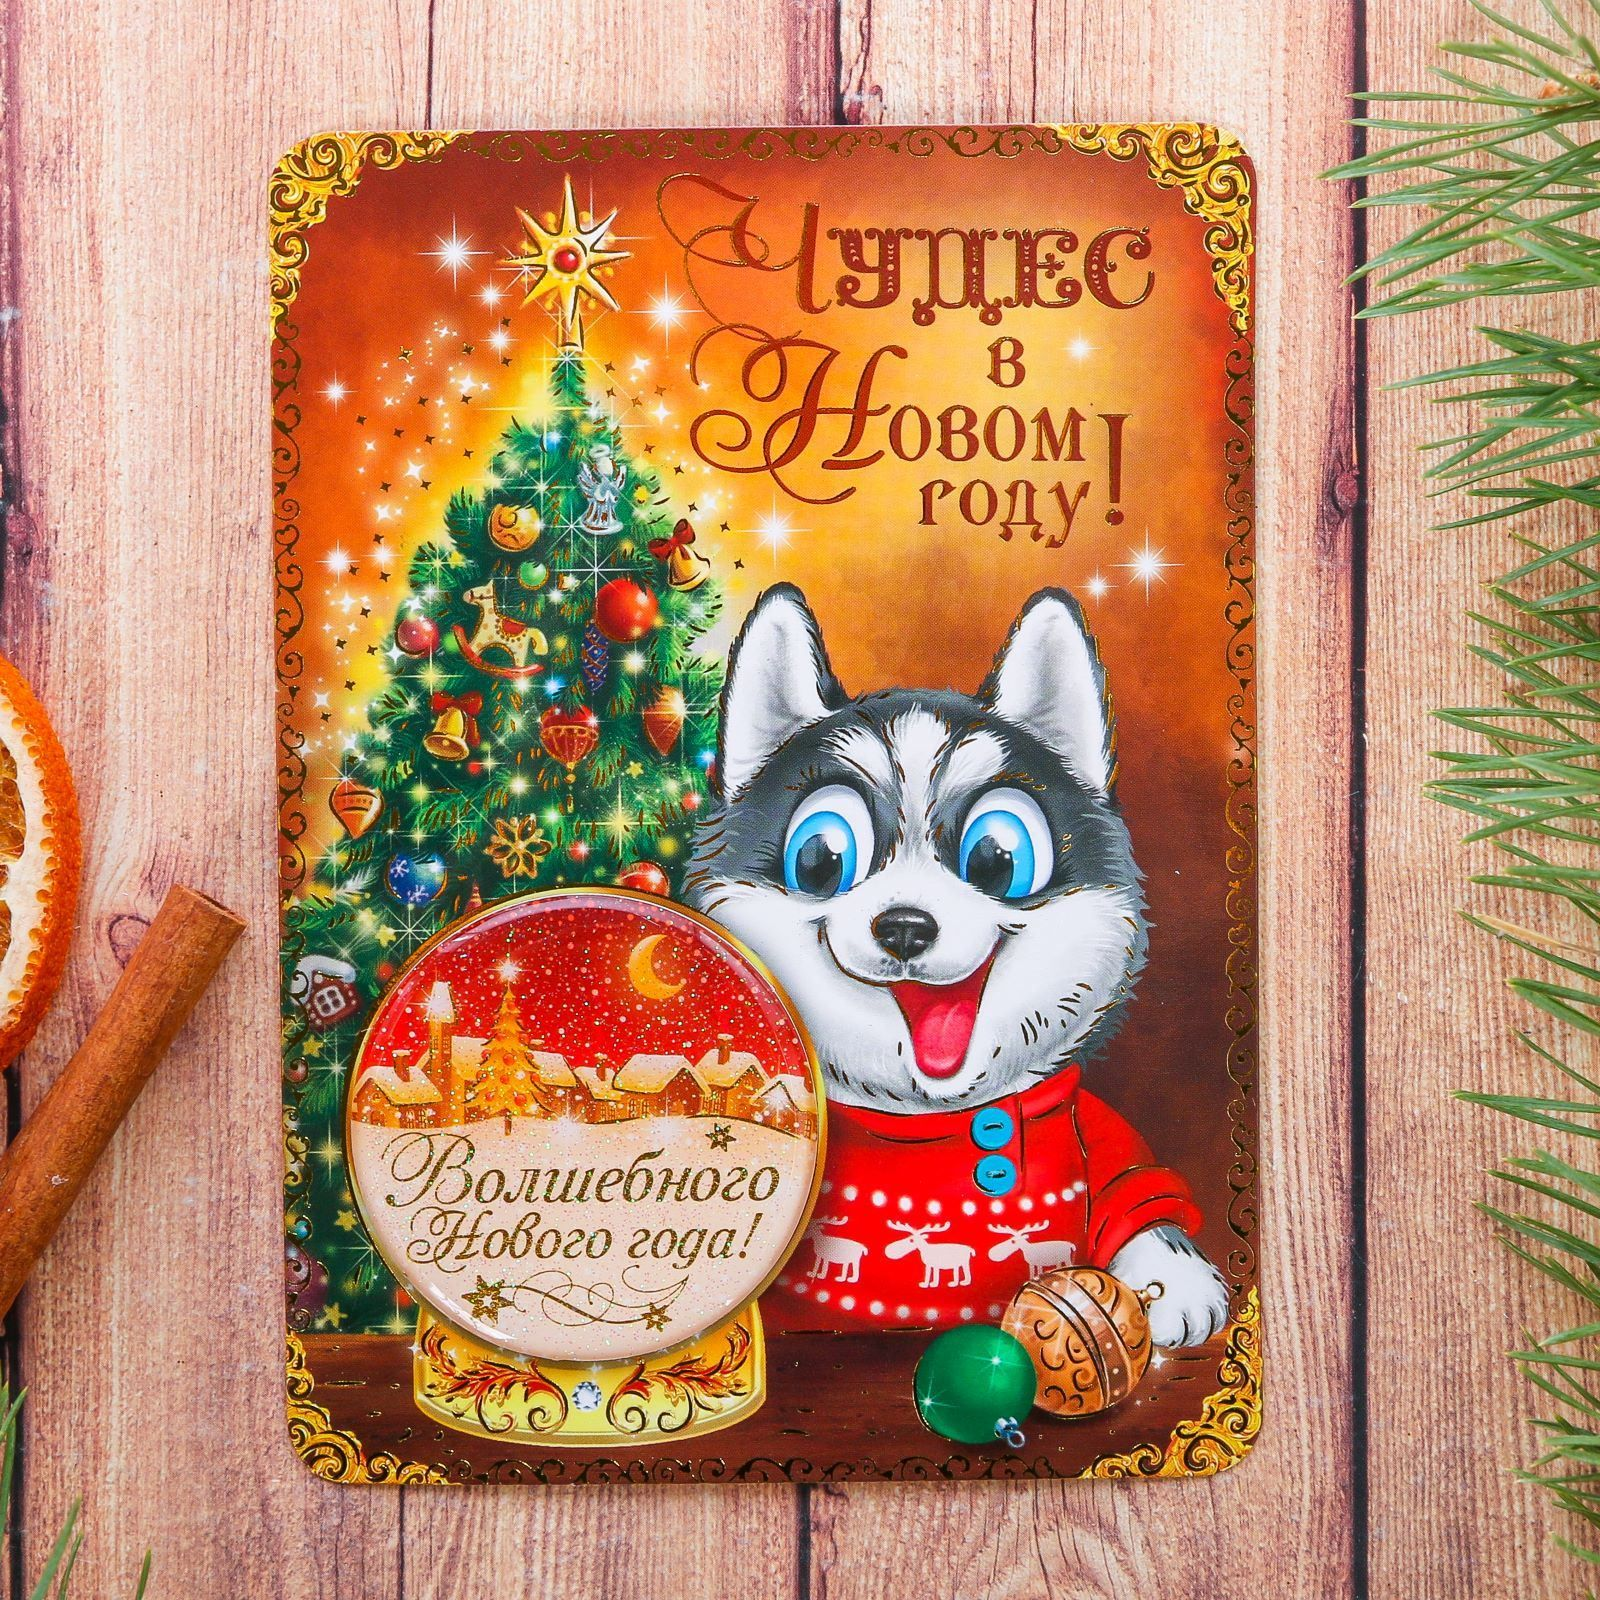 Магнит Sima-land Чудес в Новом году, с открыткой, 10,5 х 14,5 см2123244Порадуйте родных и близких оригинальным сувениром: преподнесите в подарок магнит. С ним даже самый серьёзный человек почувствует себя ребёнком, ожидающим чудо! Создайте праздничное настроение, и оно останется с вами на весь год.